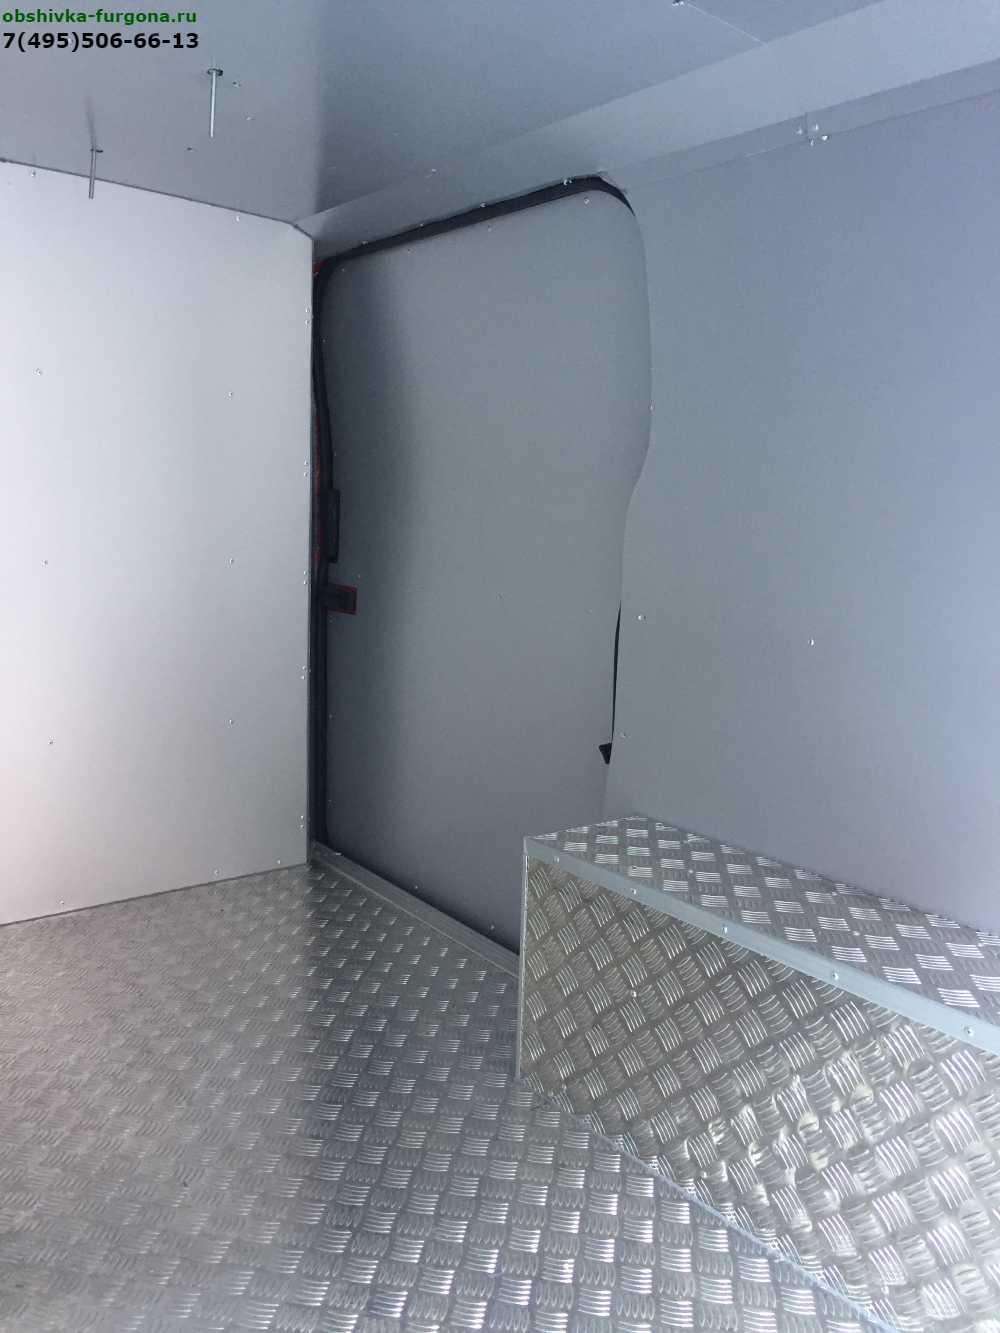 переделка форд транзит в изотермический фургон